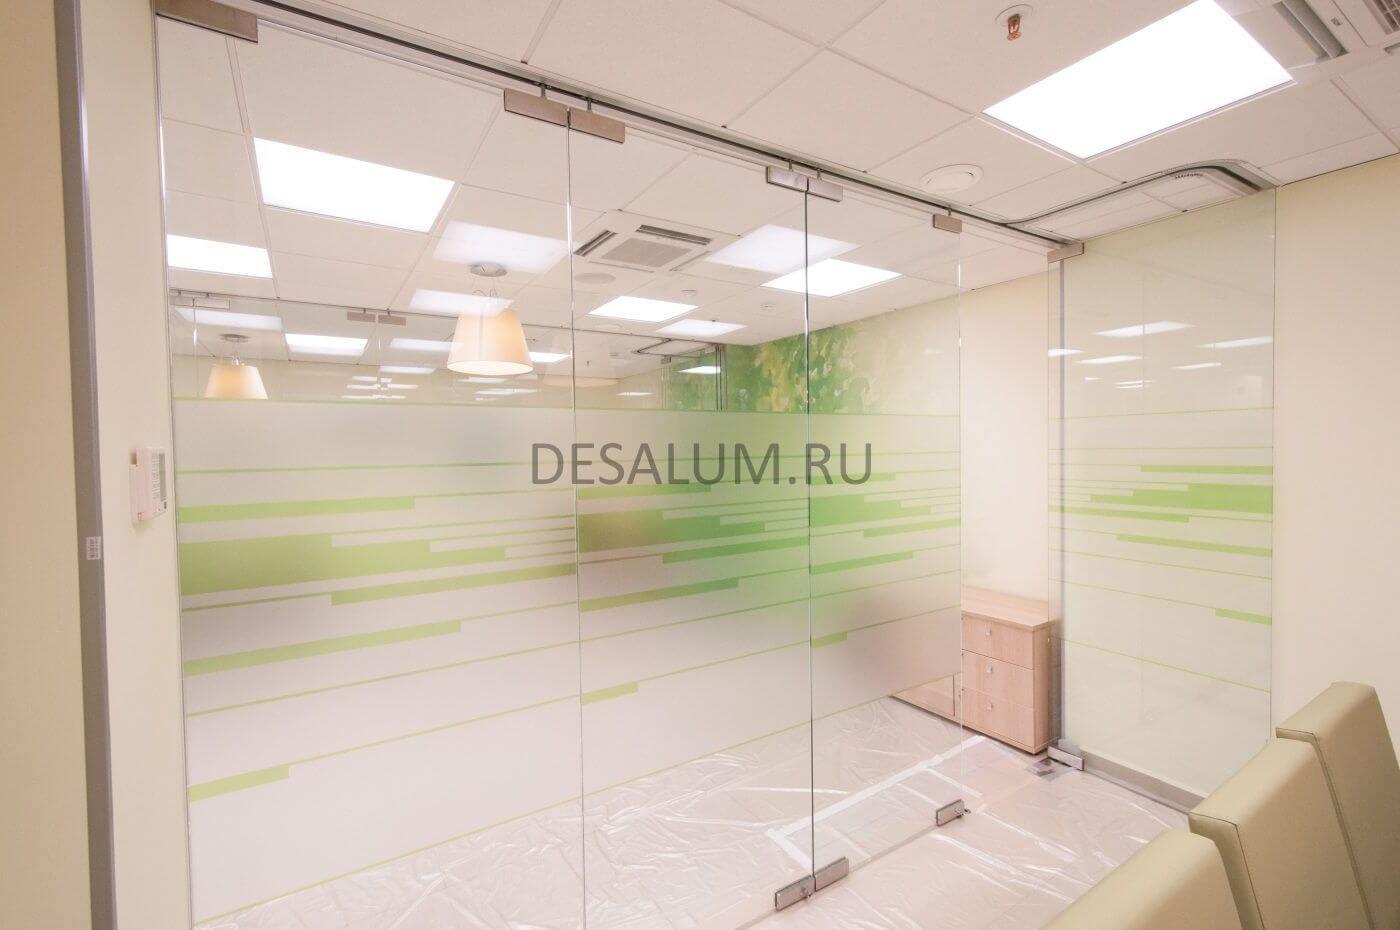 трансформируемые перегородки desalum